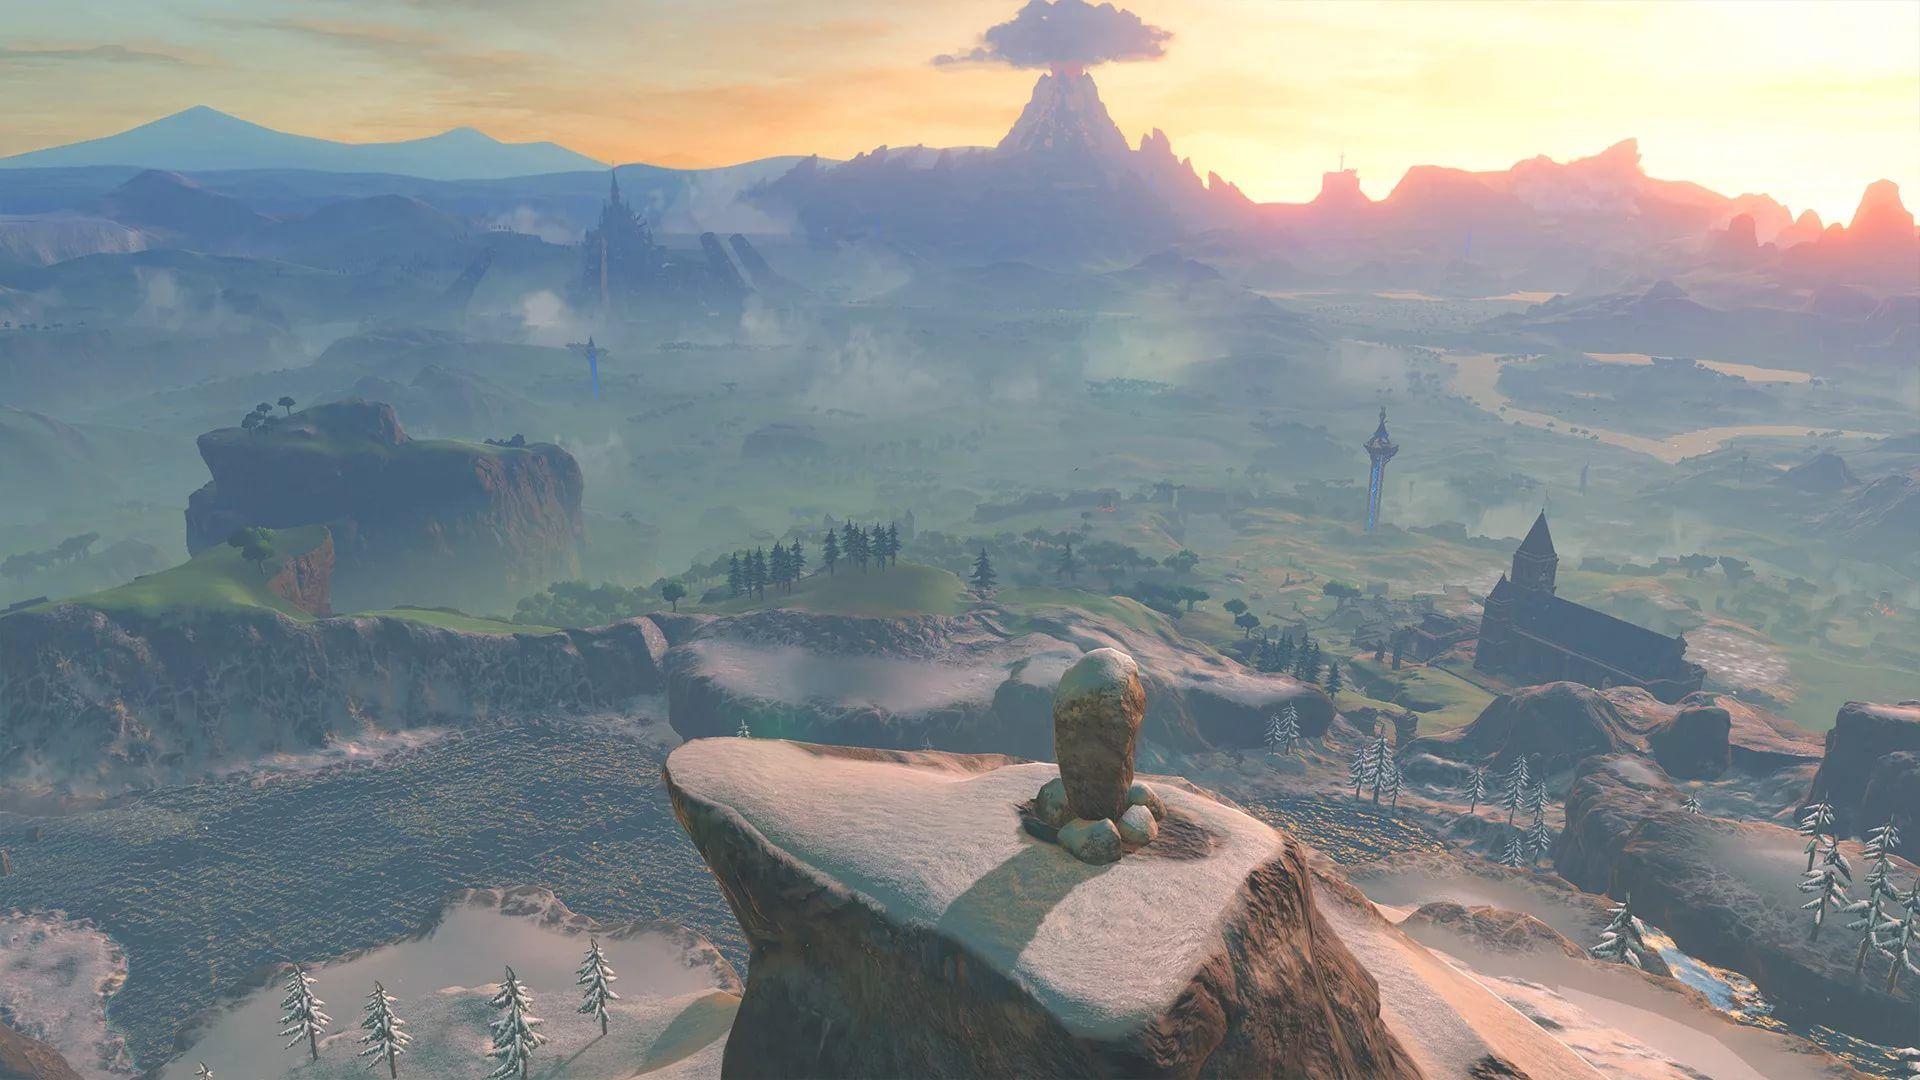 Zelda Live download nice wallpaper